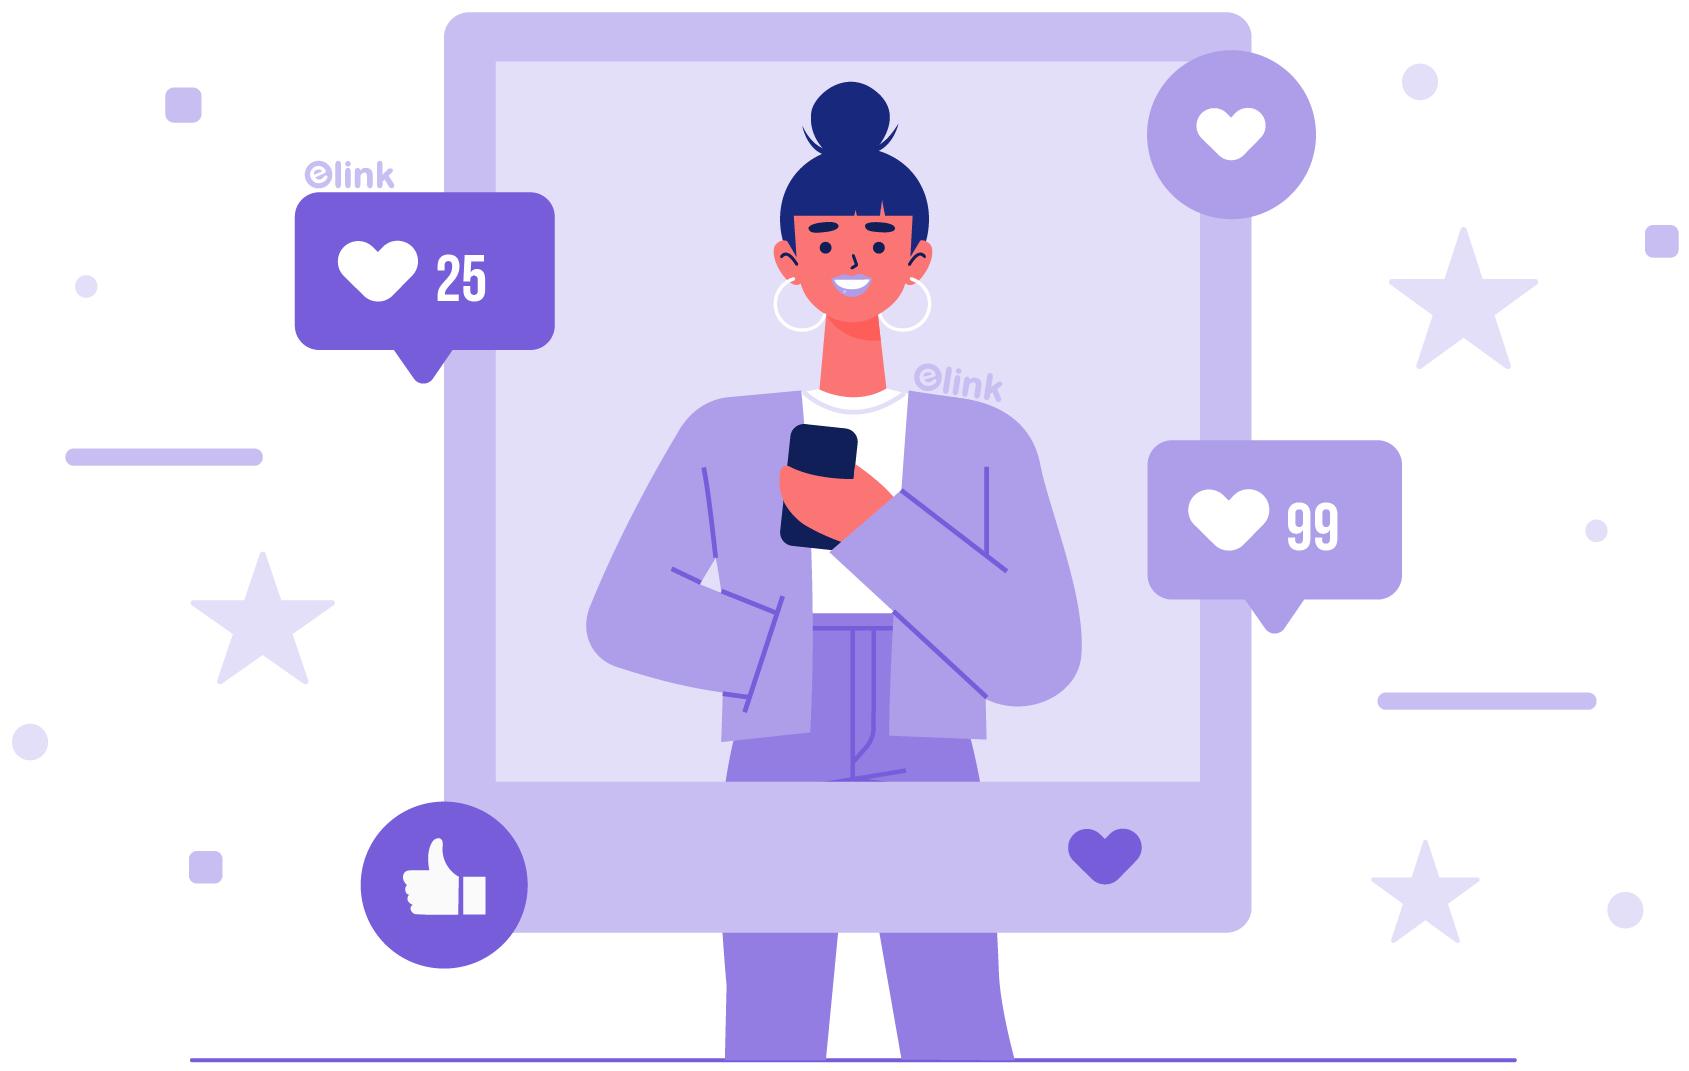 Social Media influencer as a small business idea